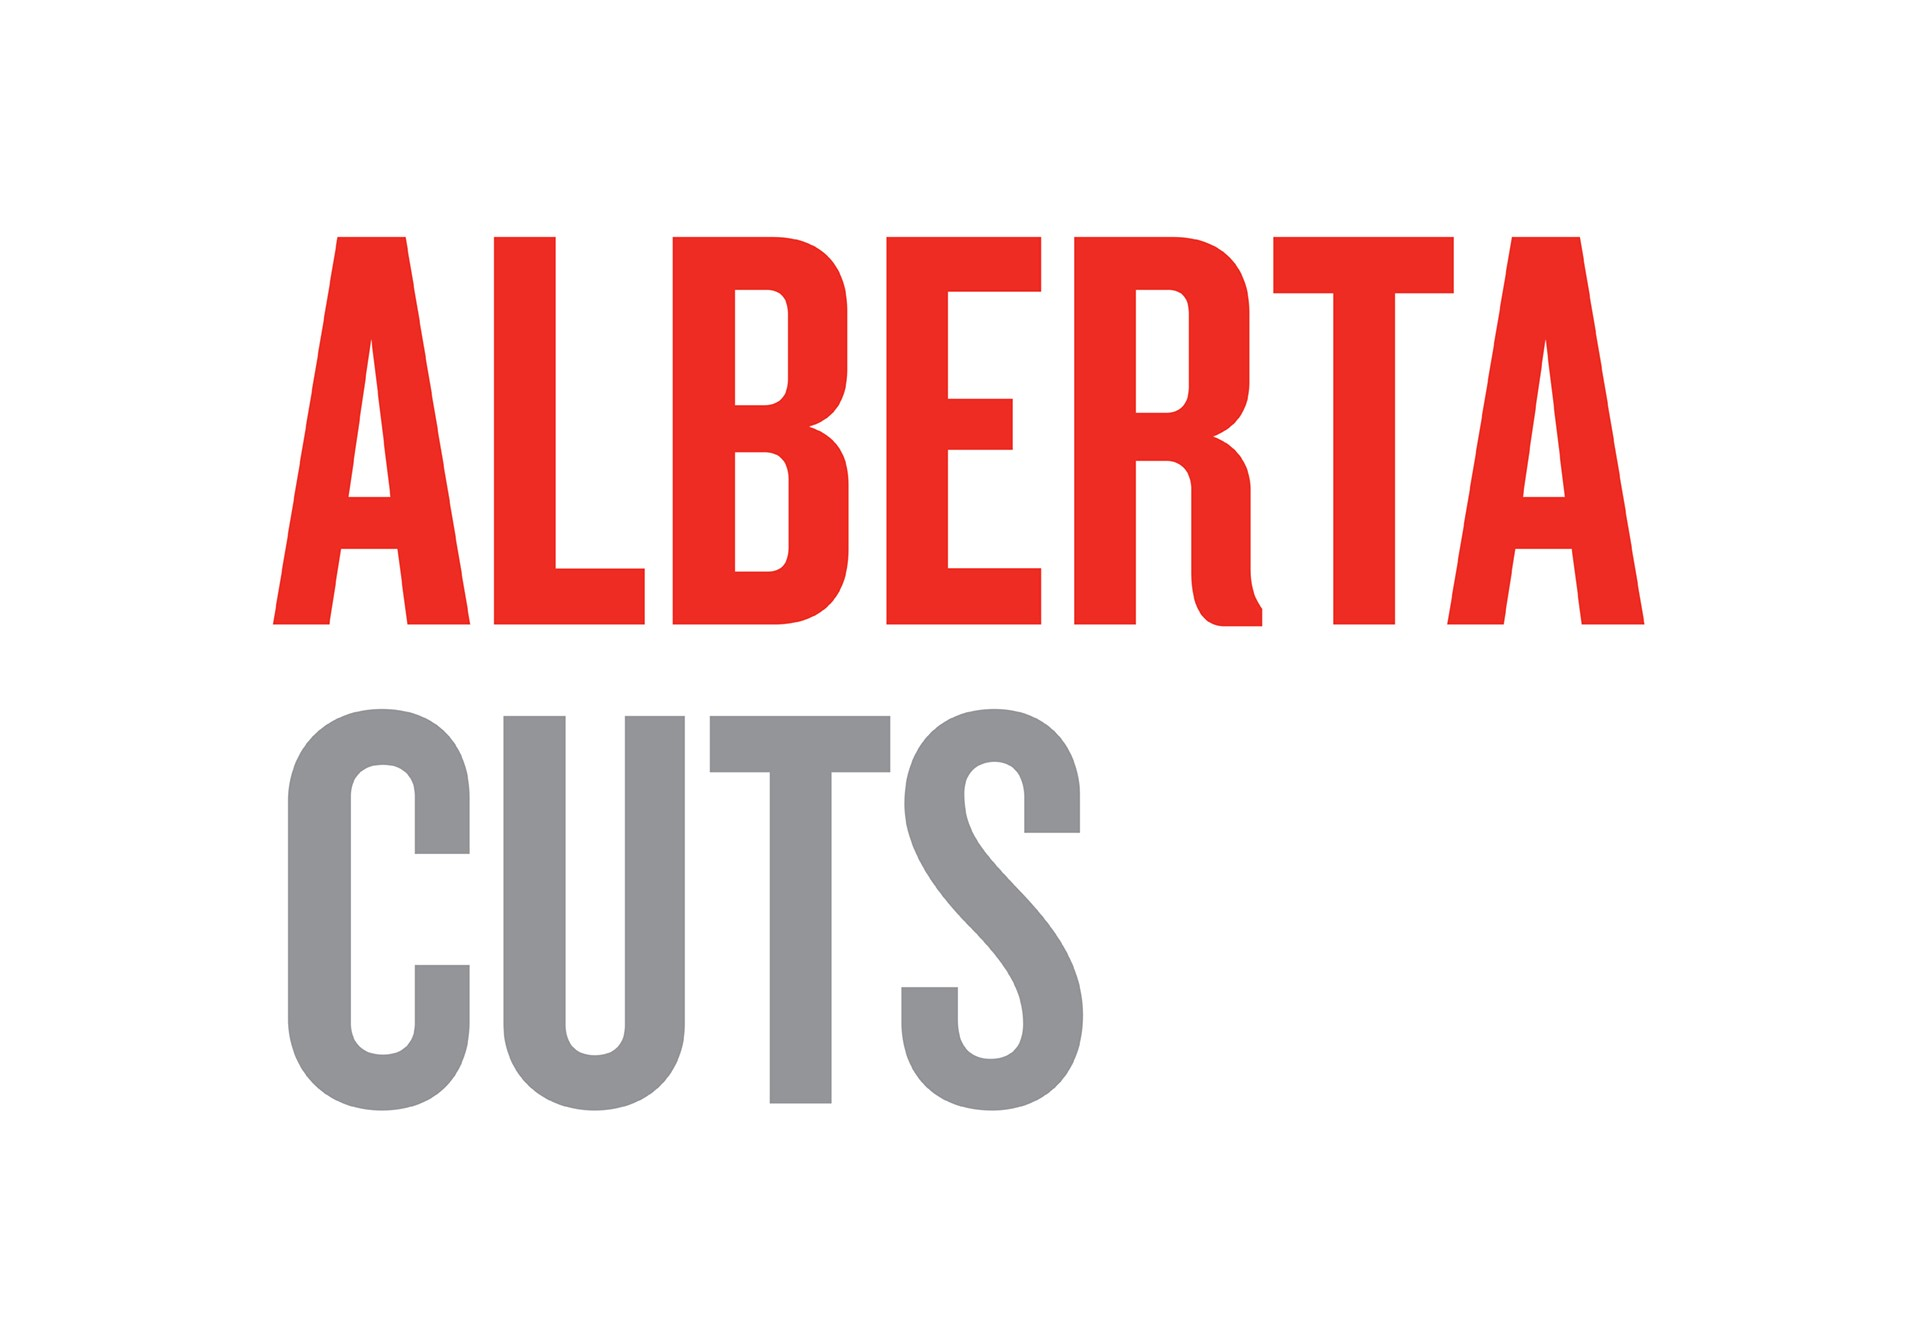 Alberta Cuts